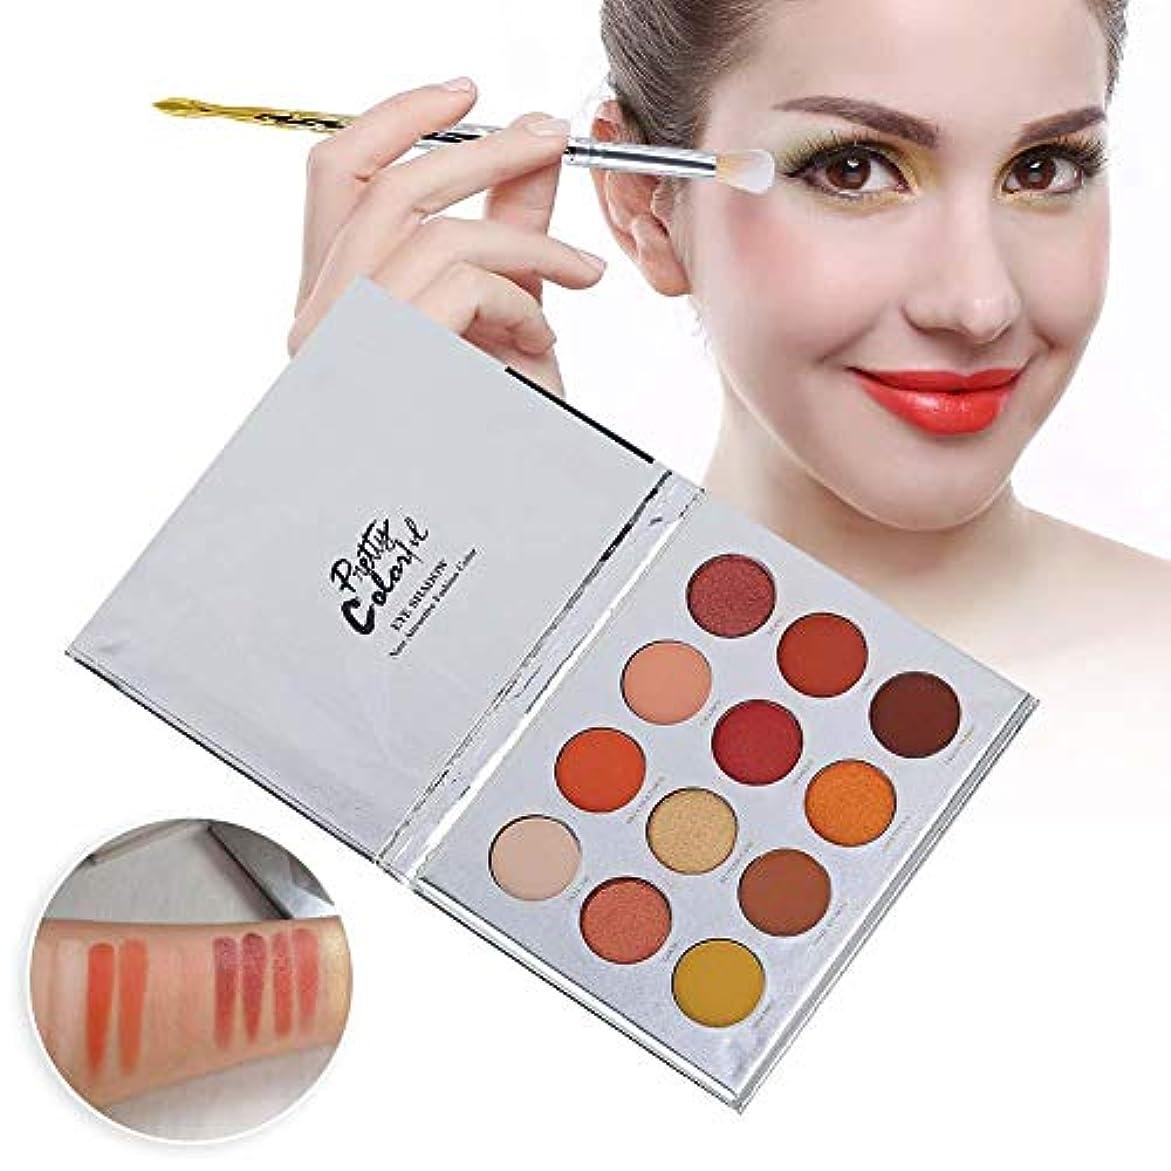 分析する期間脚本アイシャドウパレット 12色 化粧マット 化粧品ツール グロス アイシャドウパウダー